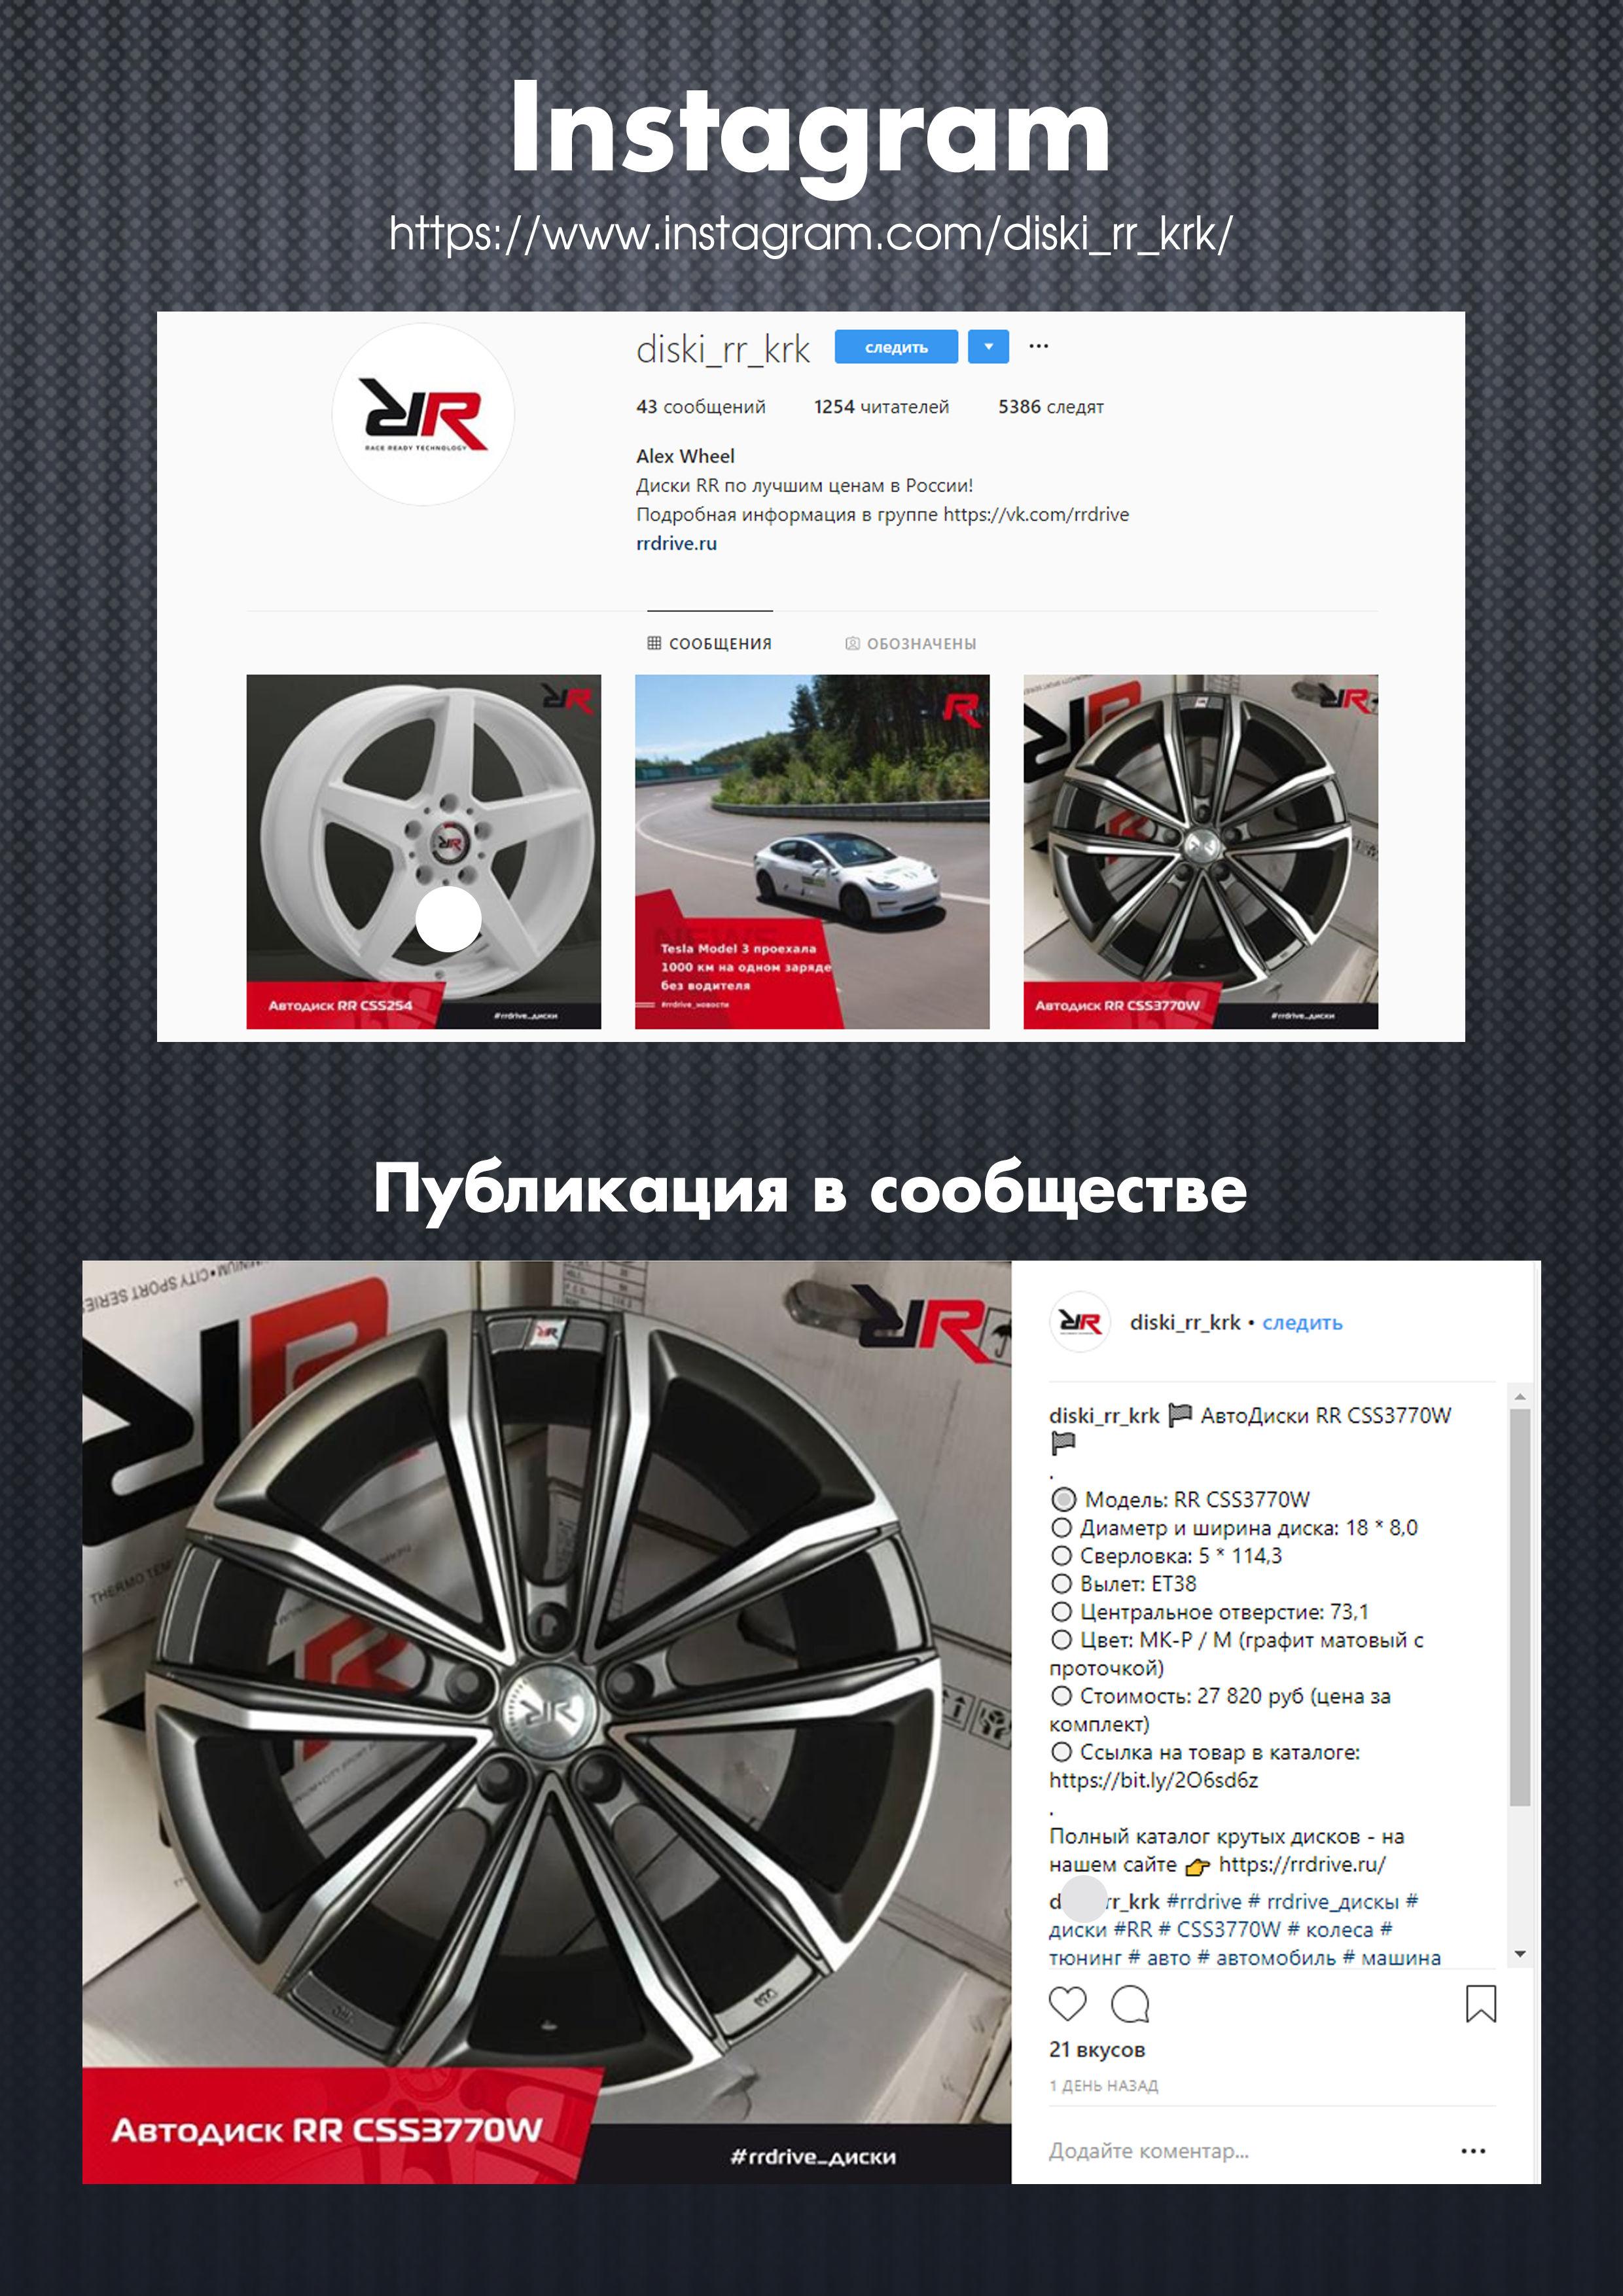 Интернет-магазин литых дисков / Instagram